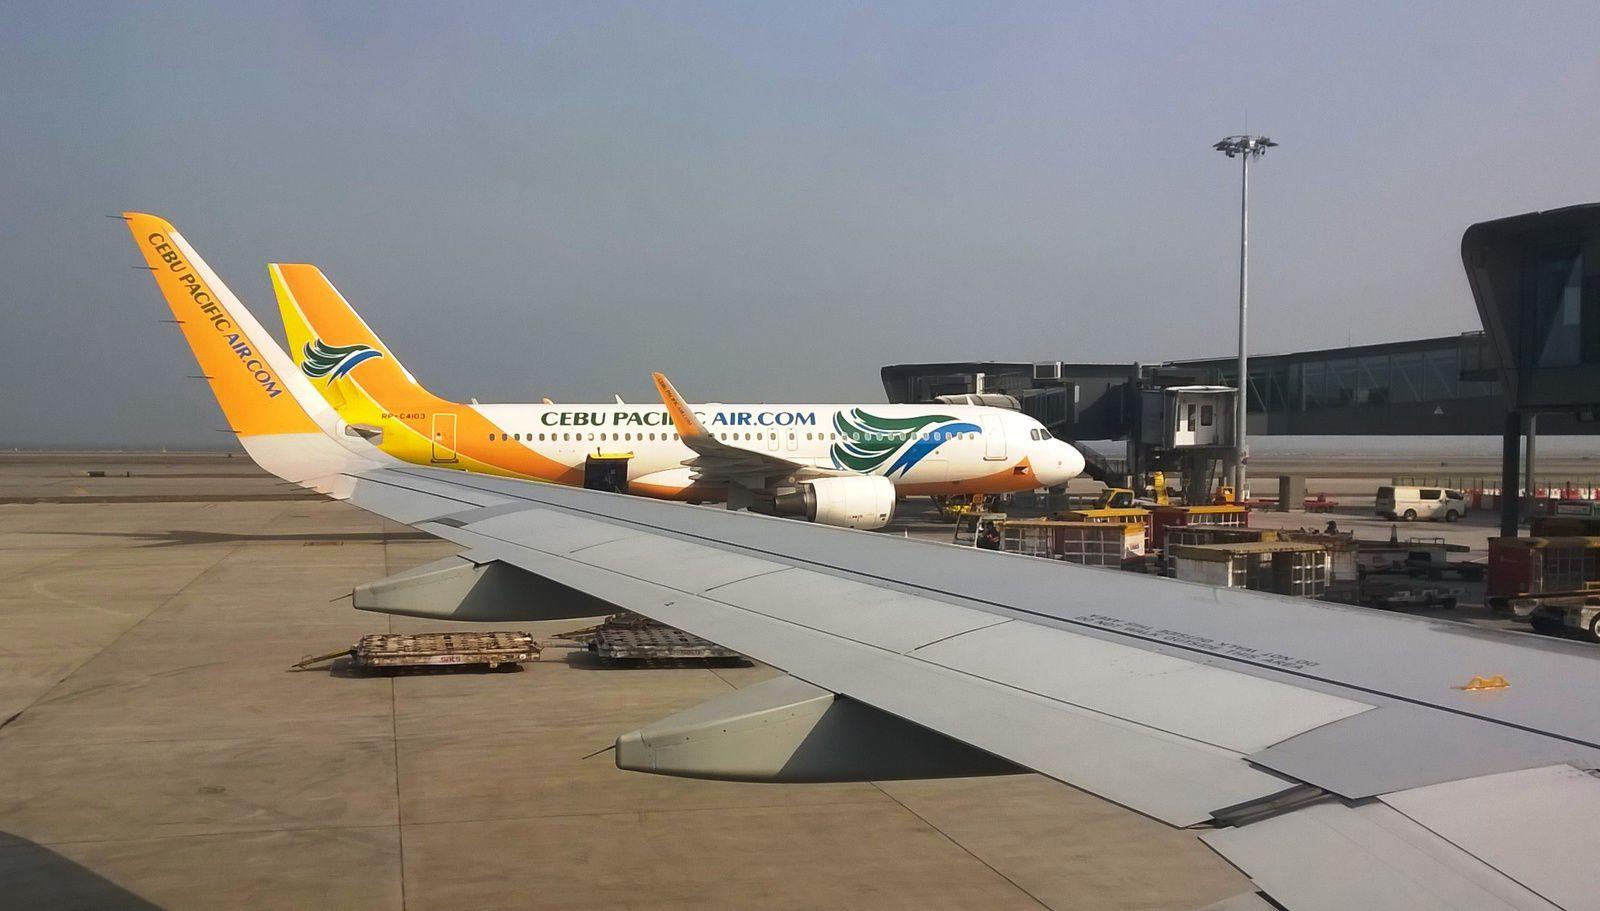 Entre Hong Kong et Cebu